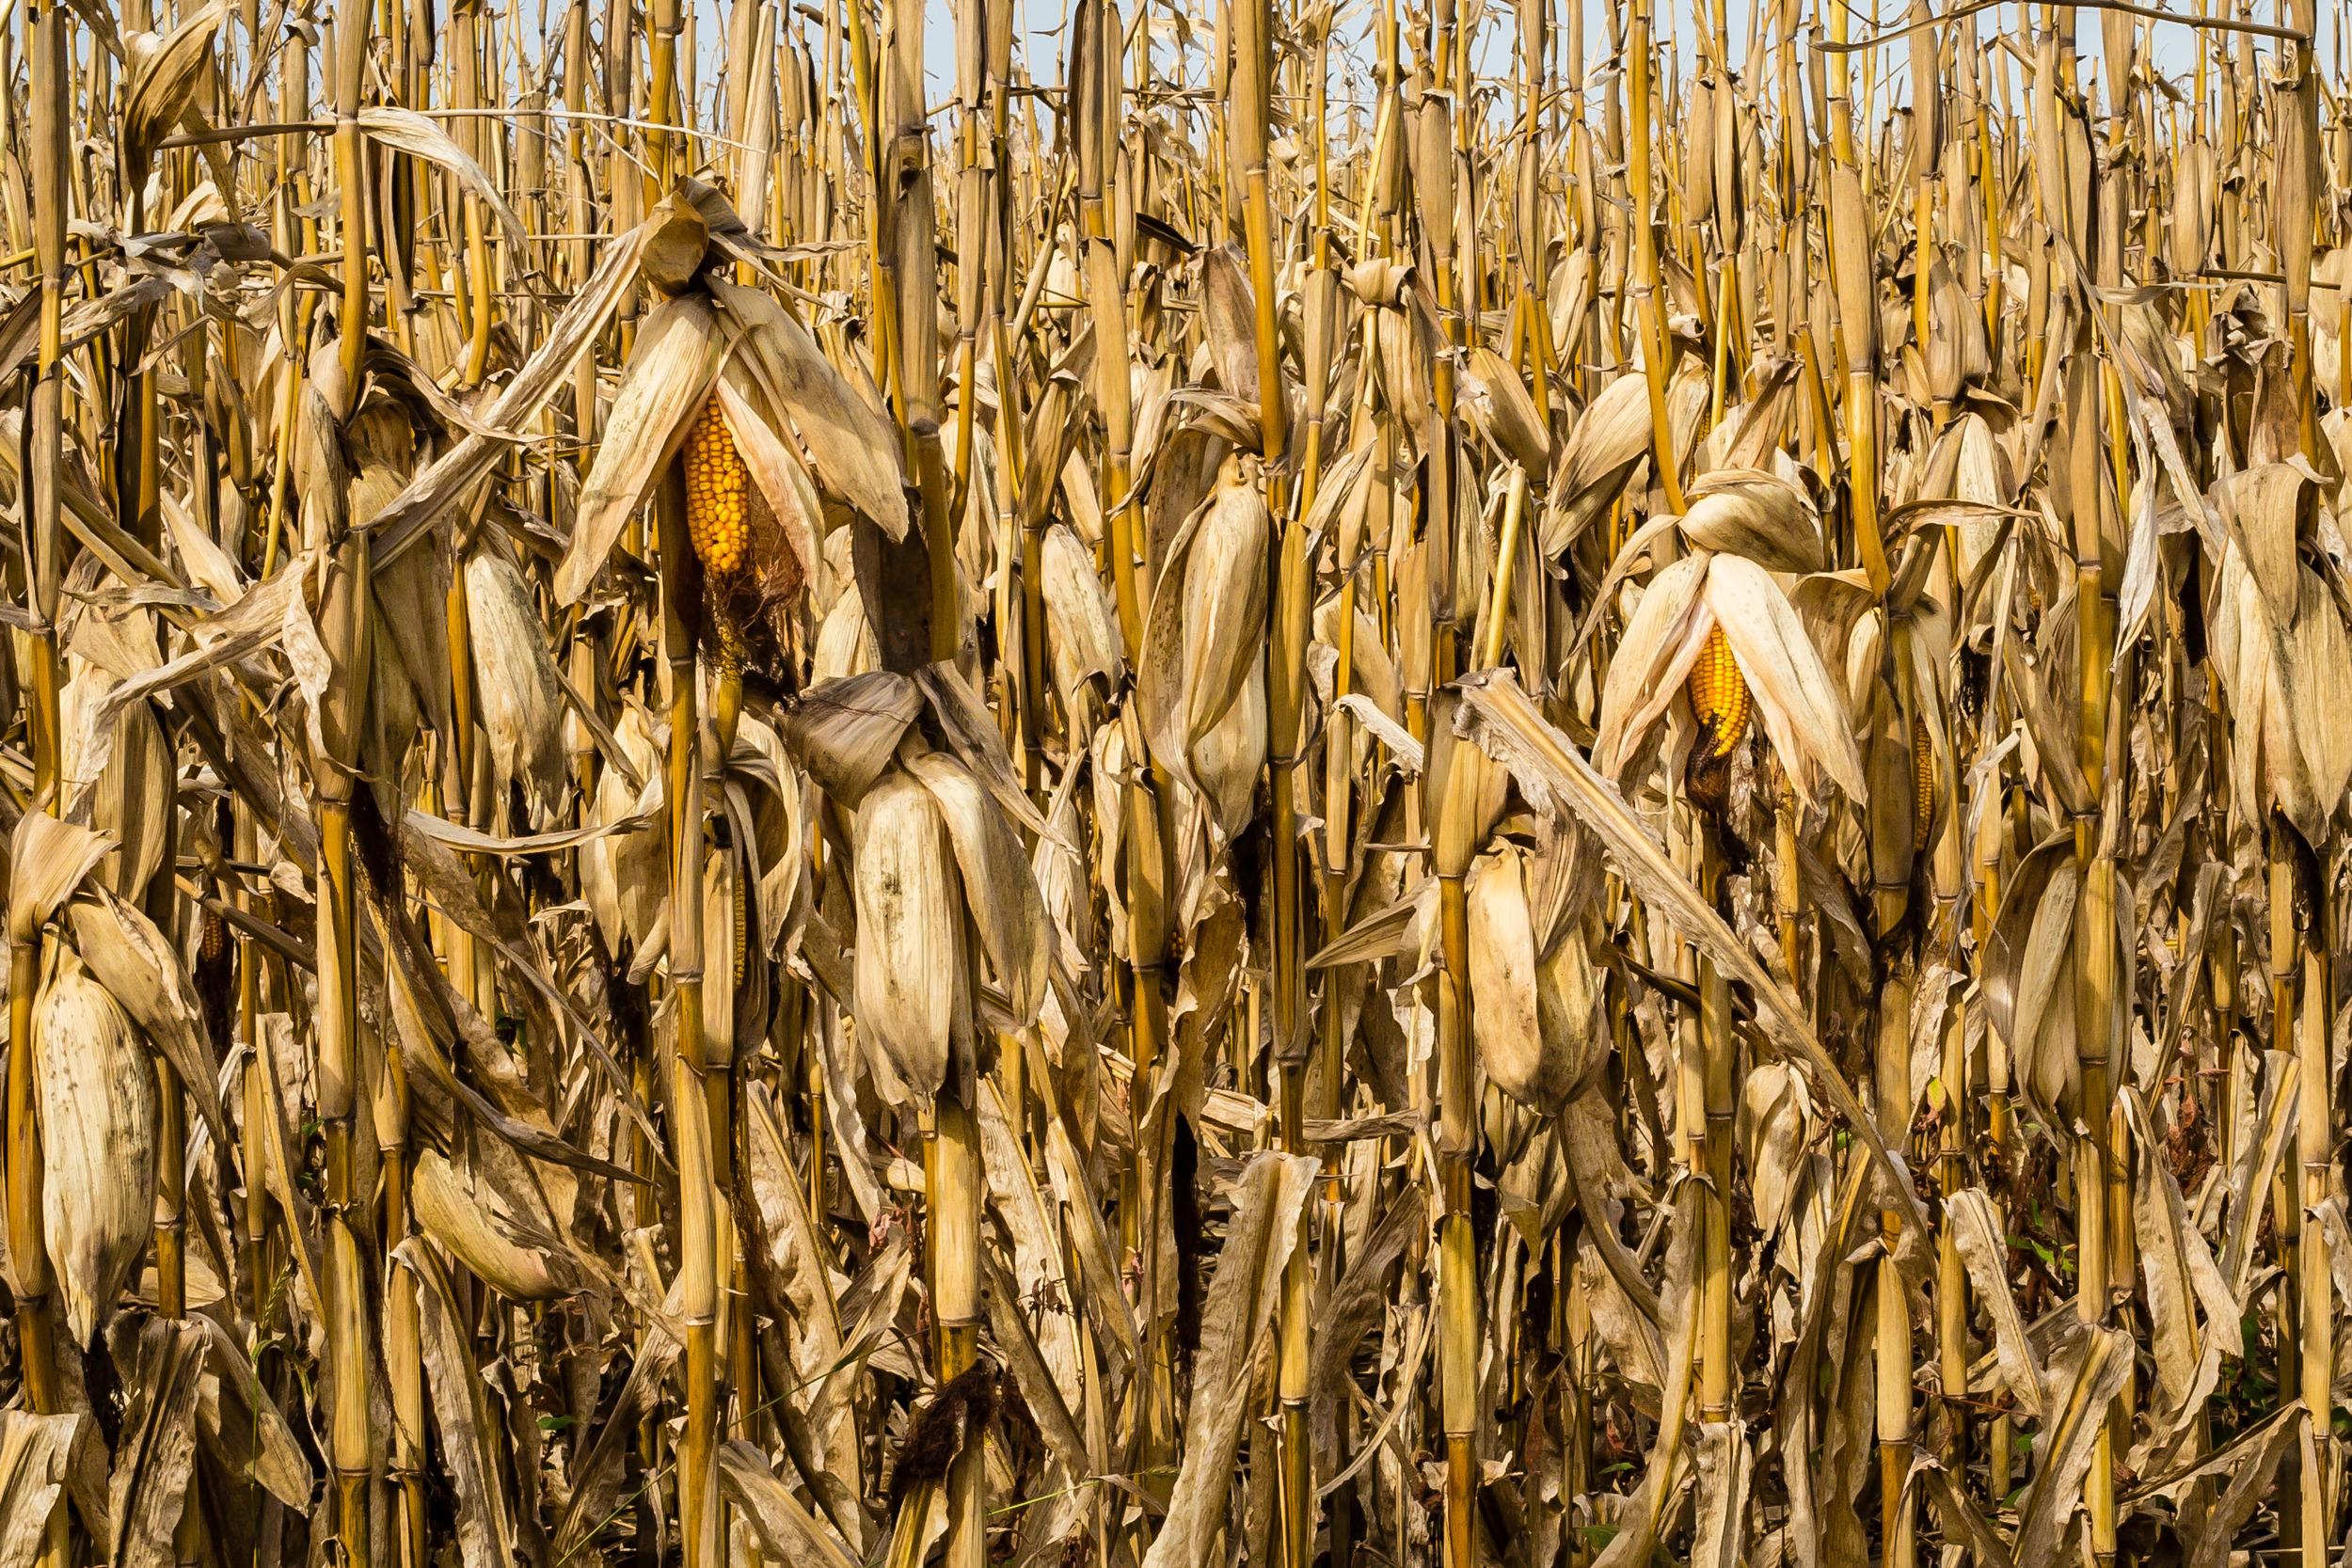 Field Corn, Story County, Iowa